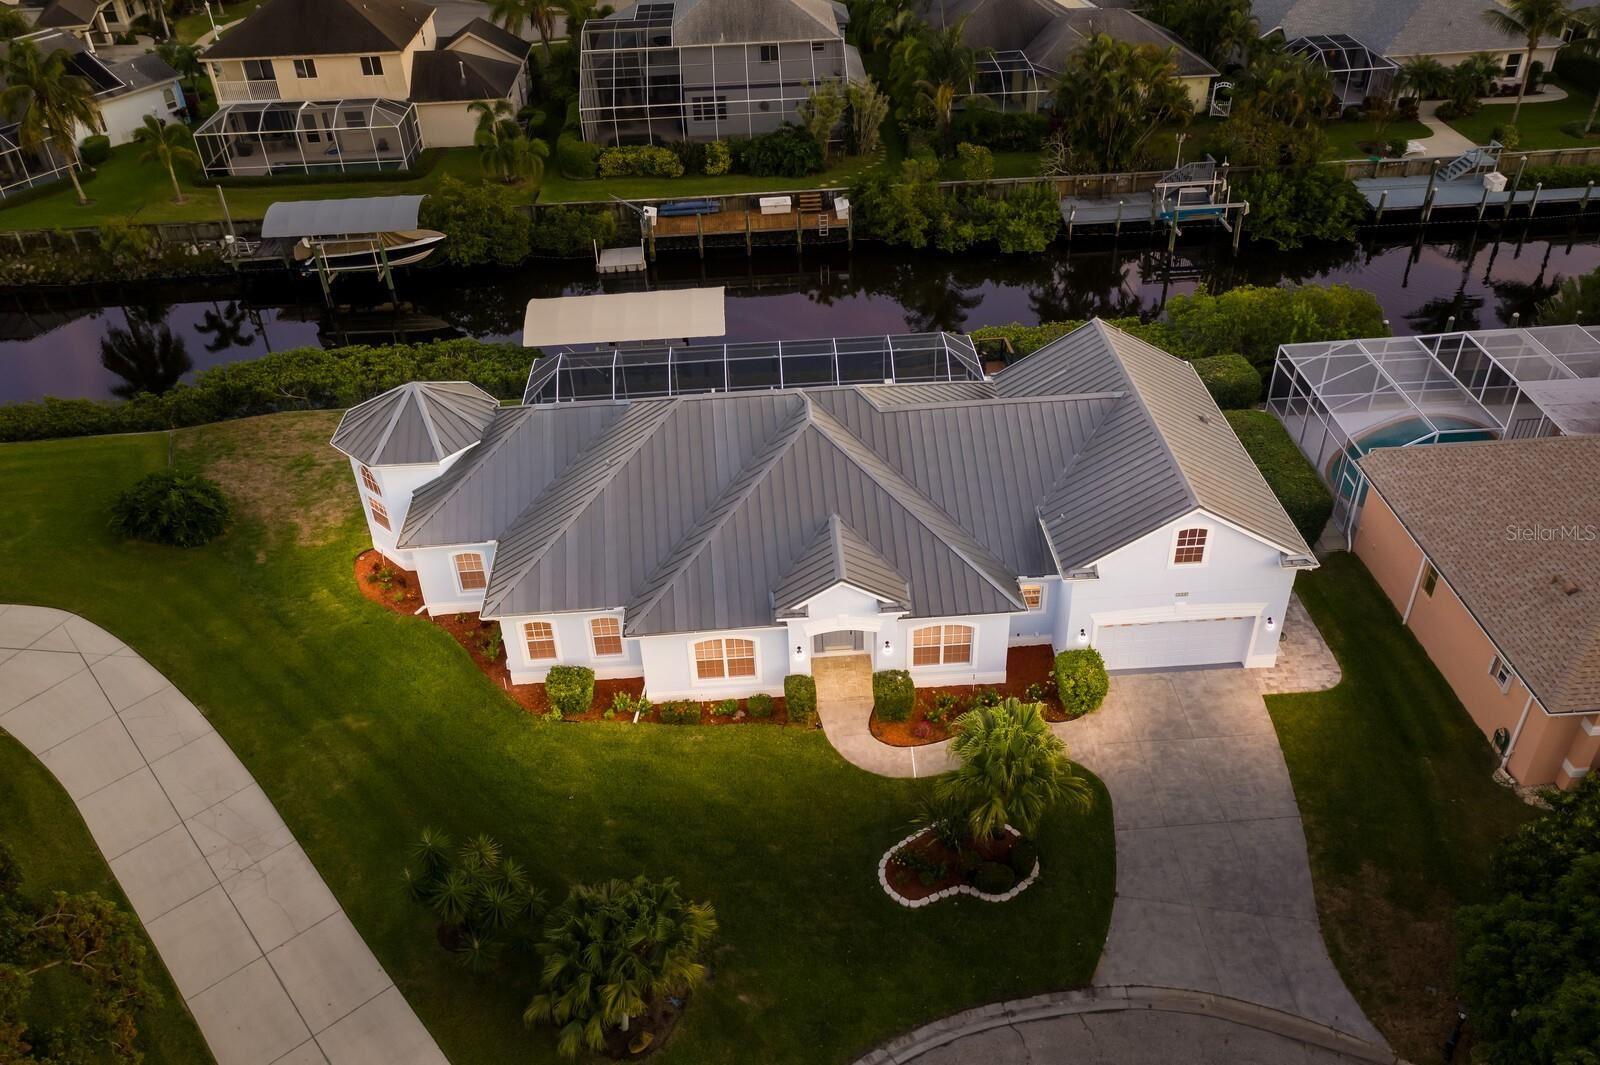 Photo of 4620 4TH AVENUE NE, BRADENTON, FL 34208 (MLS # U8134924)